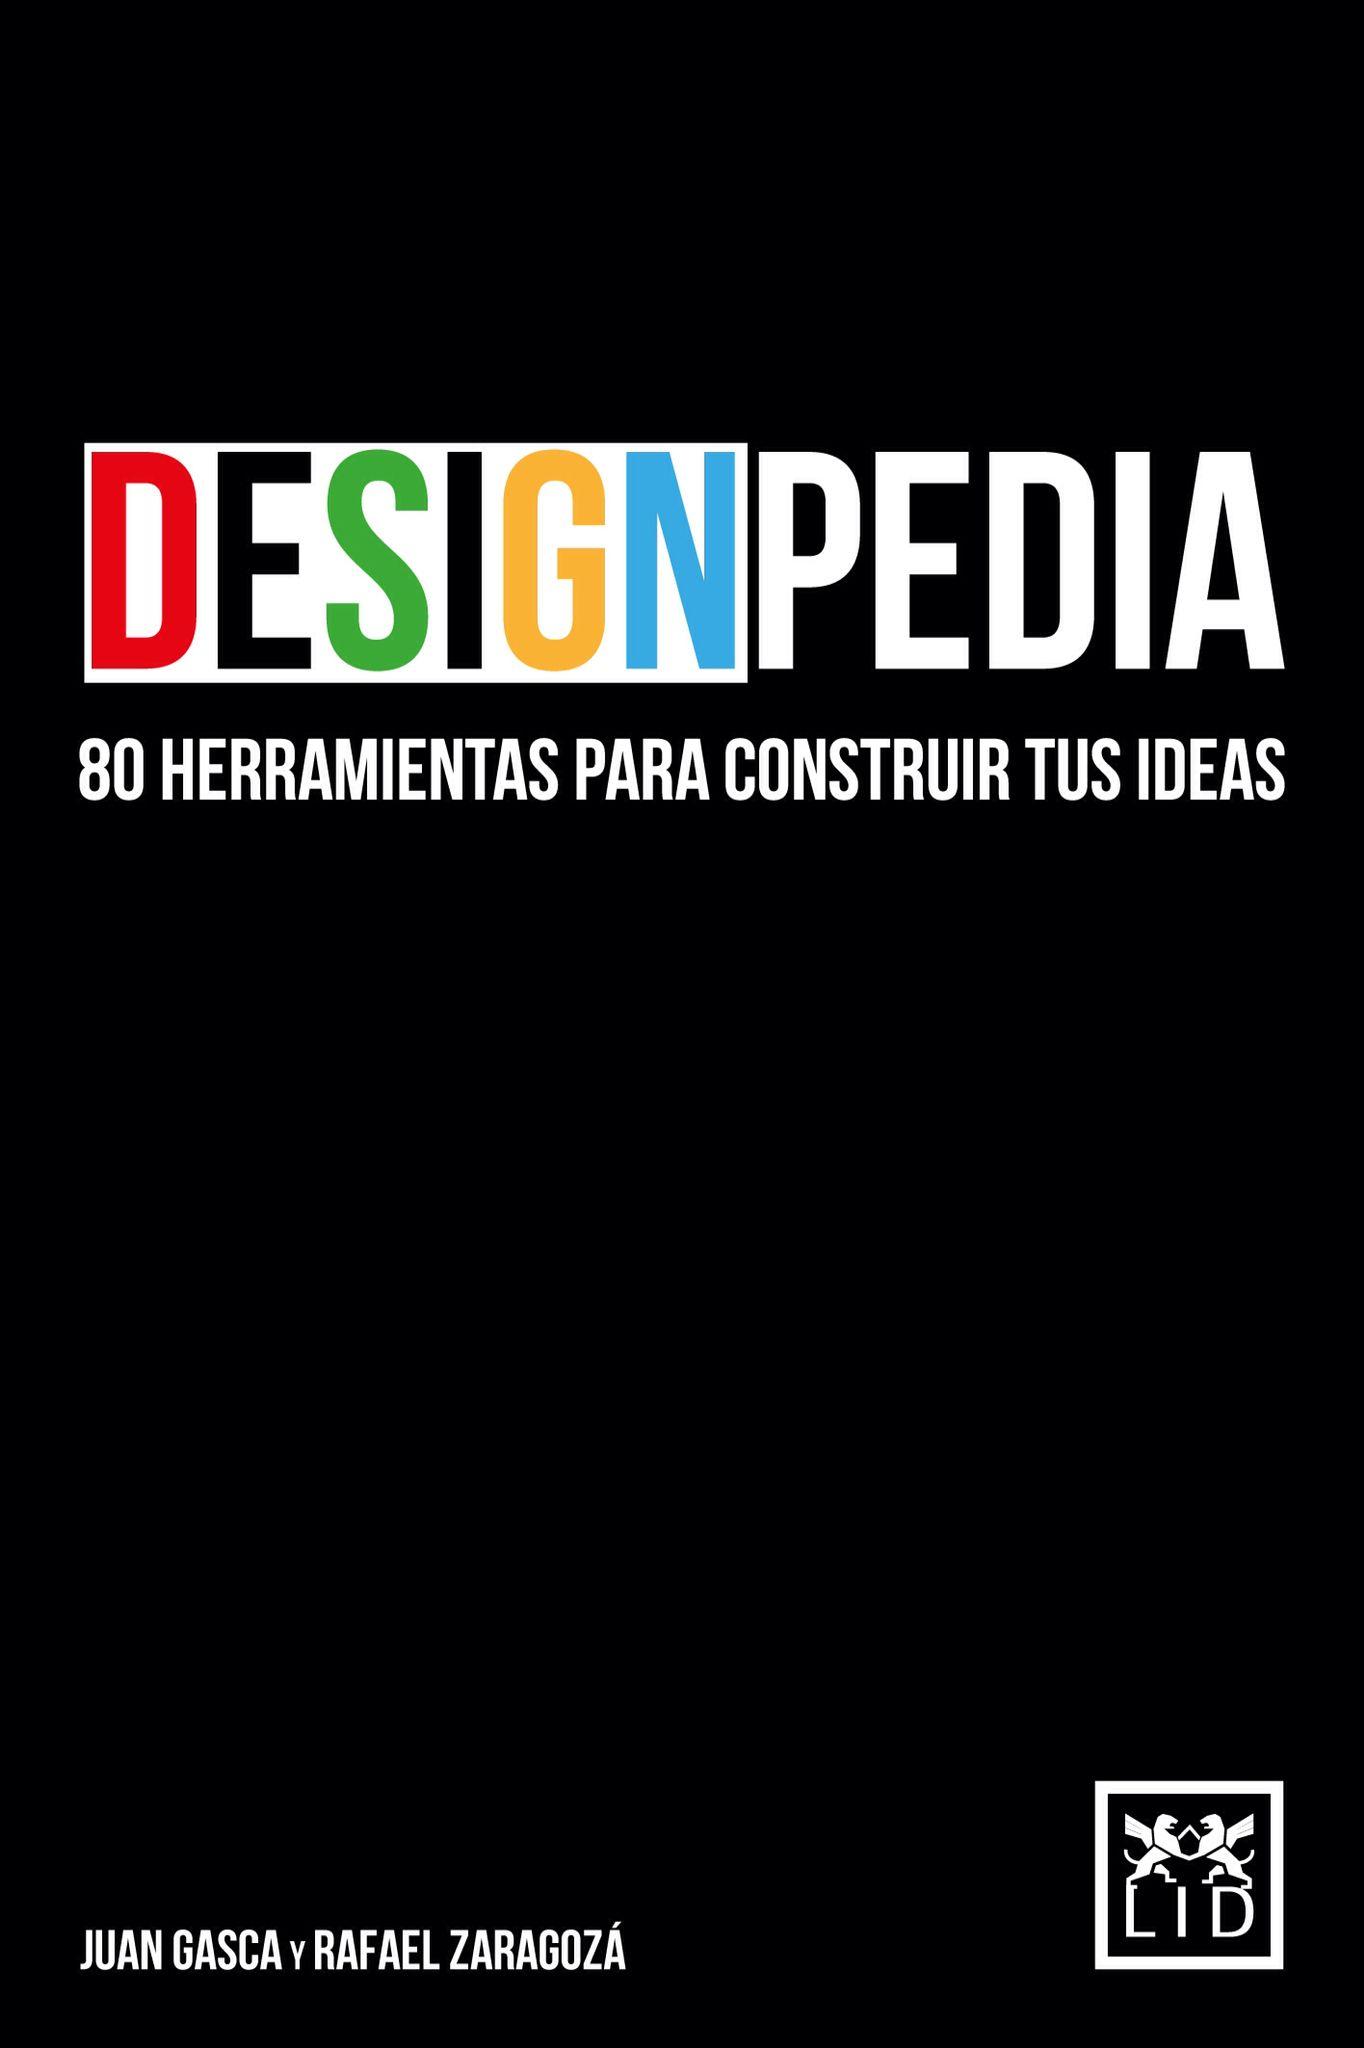 Designpedia Juan Gasca Rafael Zaragoza